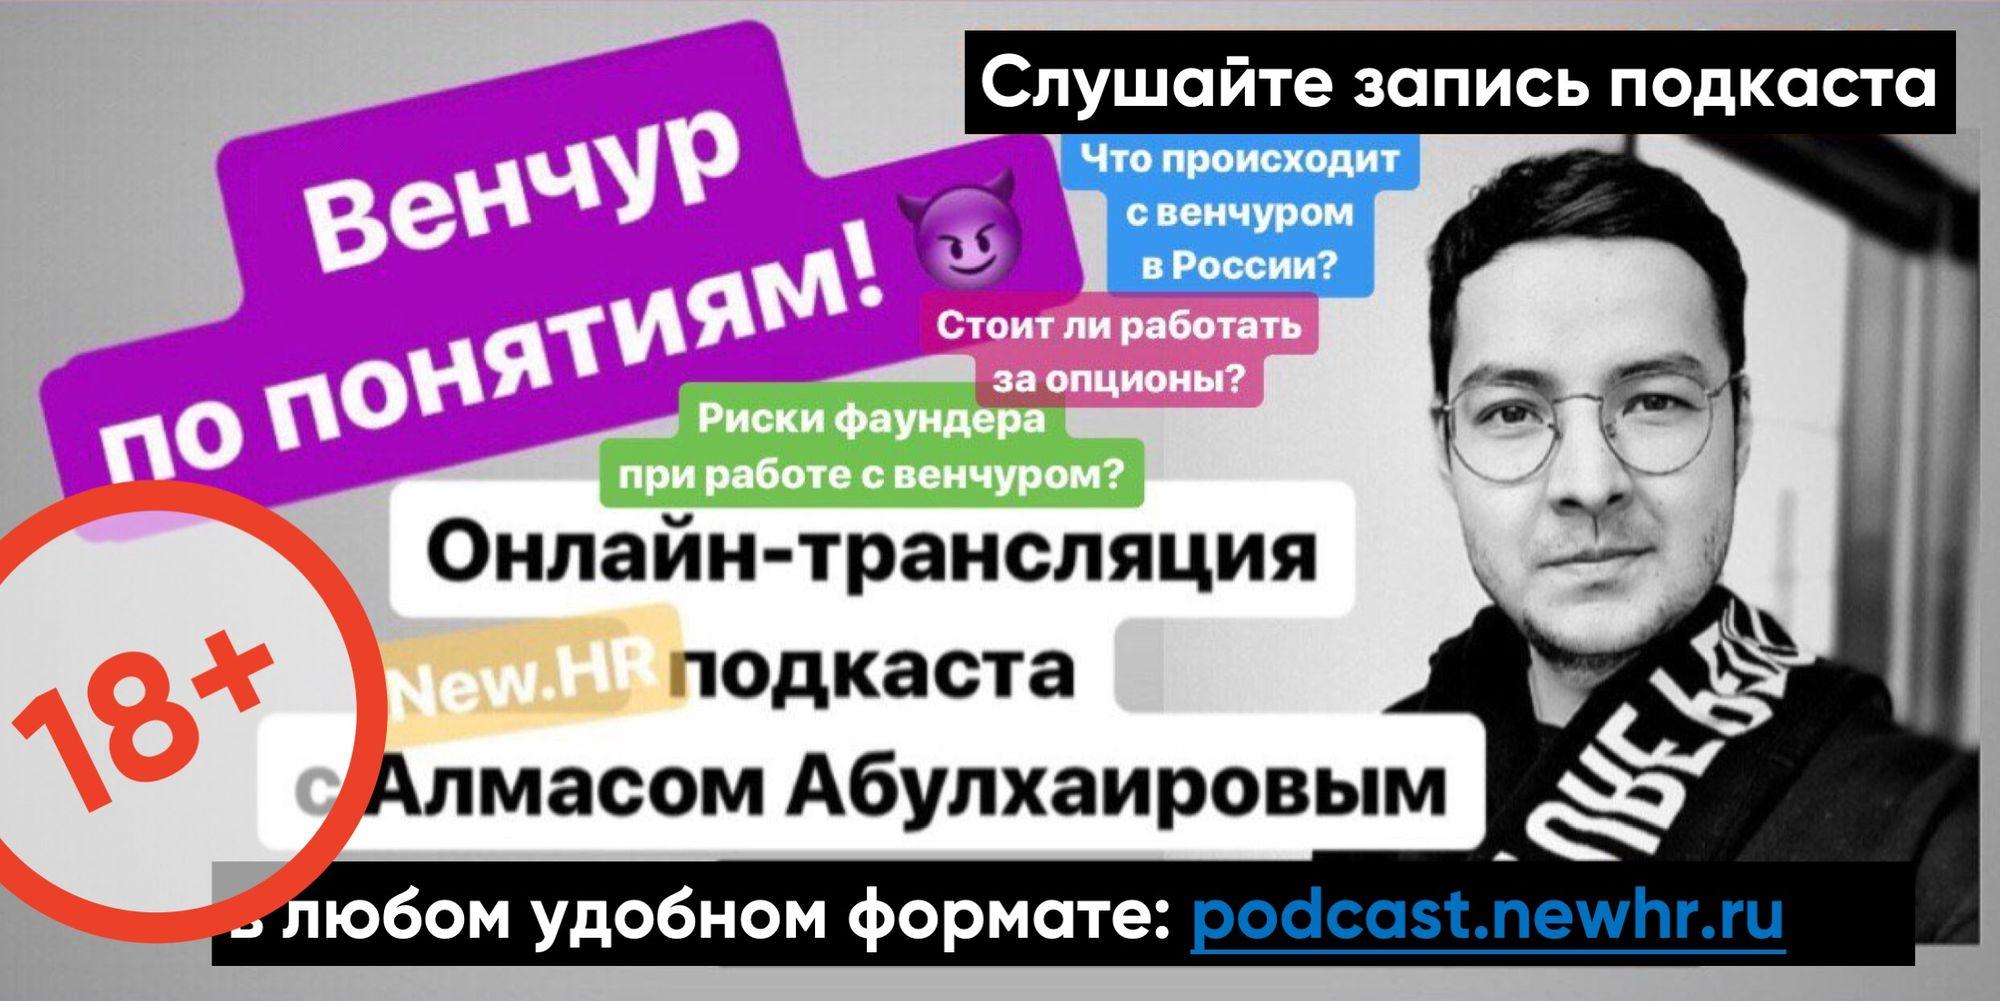 New.HR Podcast: Венчур по понятиям с Алмасом Абулхаировым